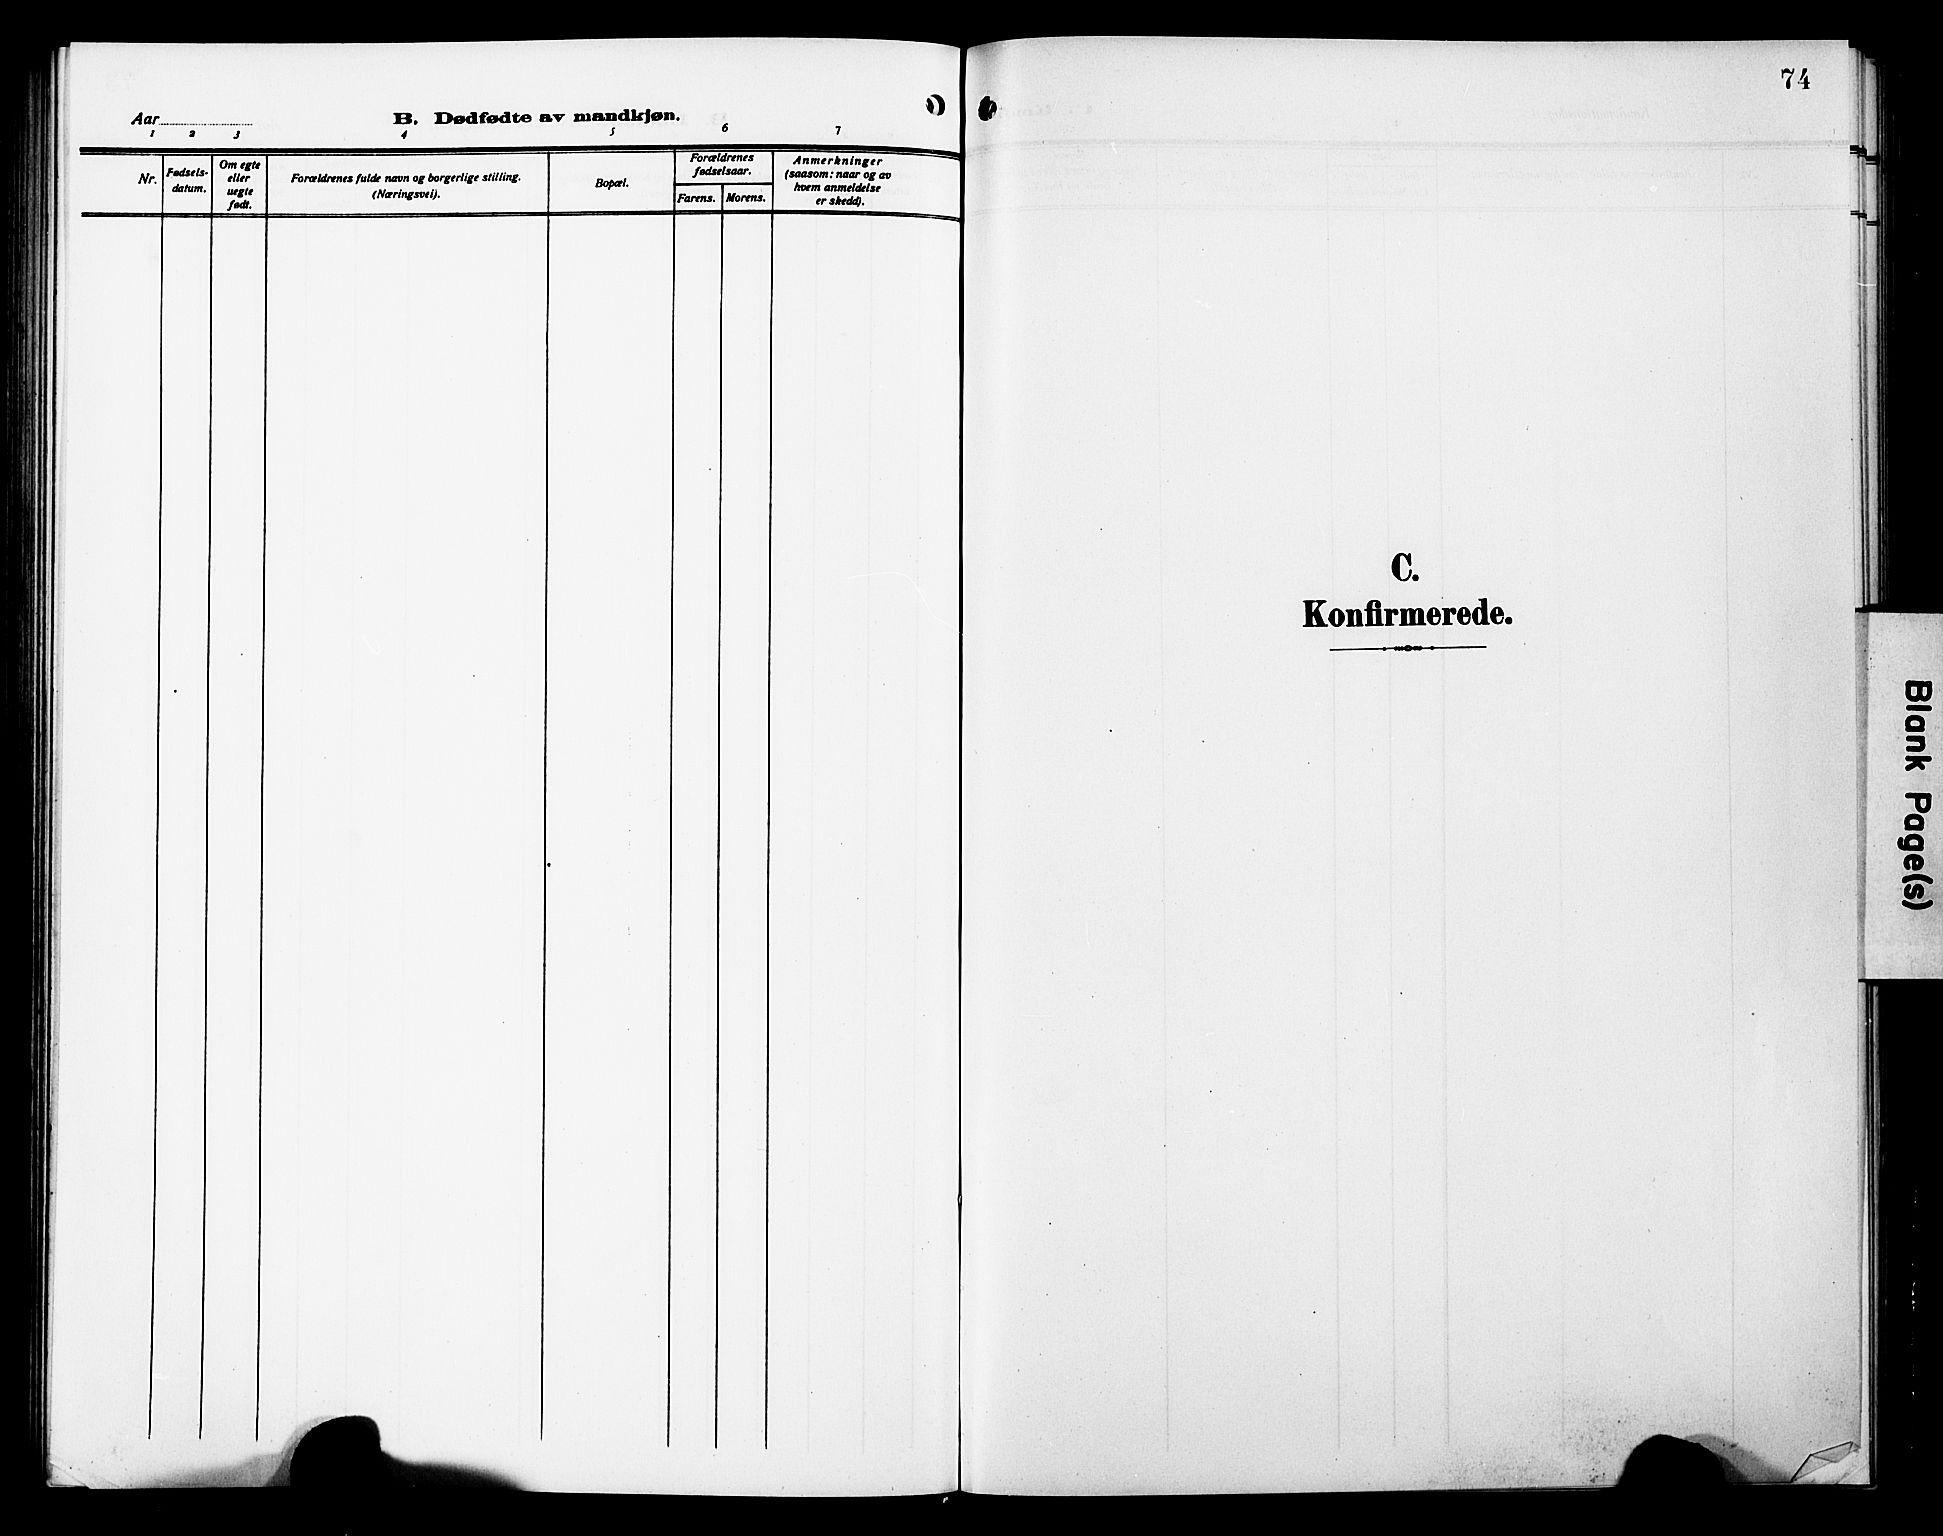 SAT, Ministerialprotokoller, klokkerbøker og fødselsregistre - Sør-Trøndelag, 698/L1168: Klokkerbok nr. 698C05, 1908-1930, s. 74